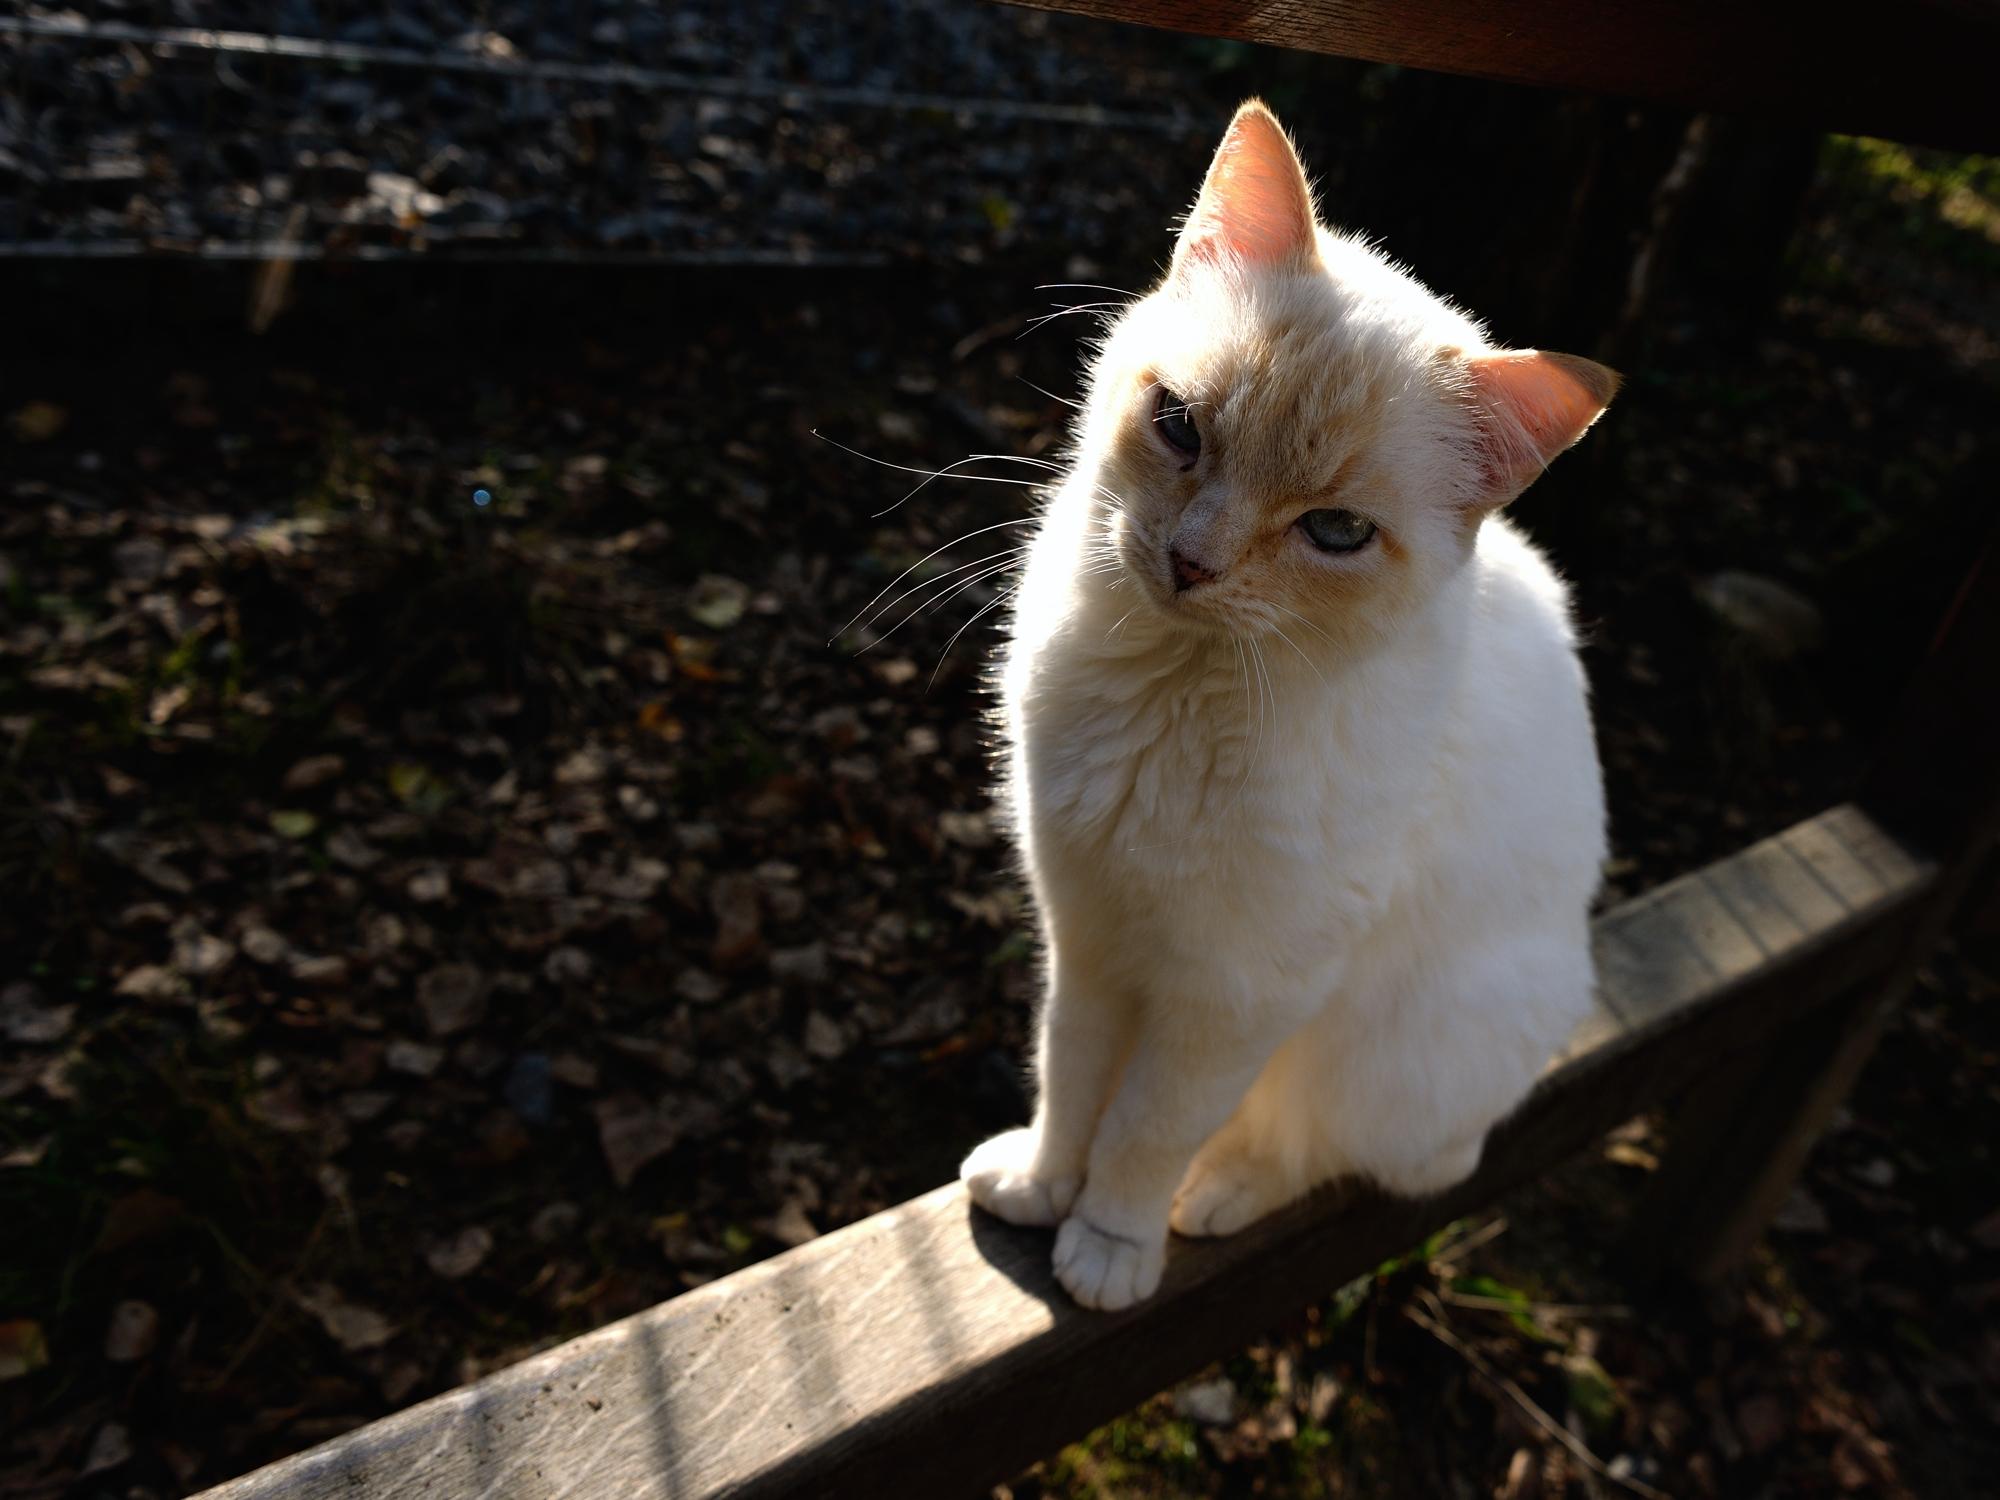 Herr Meier, the resident cat